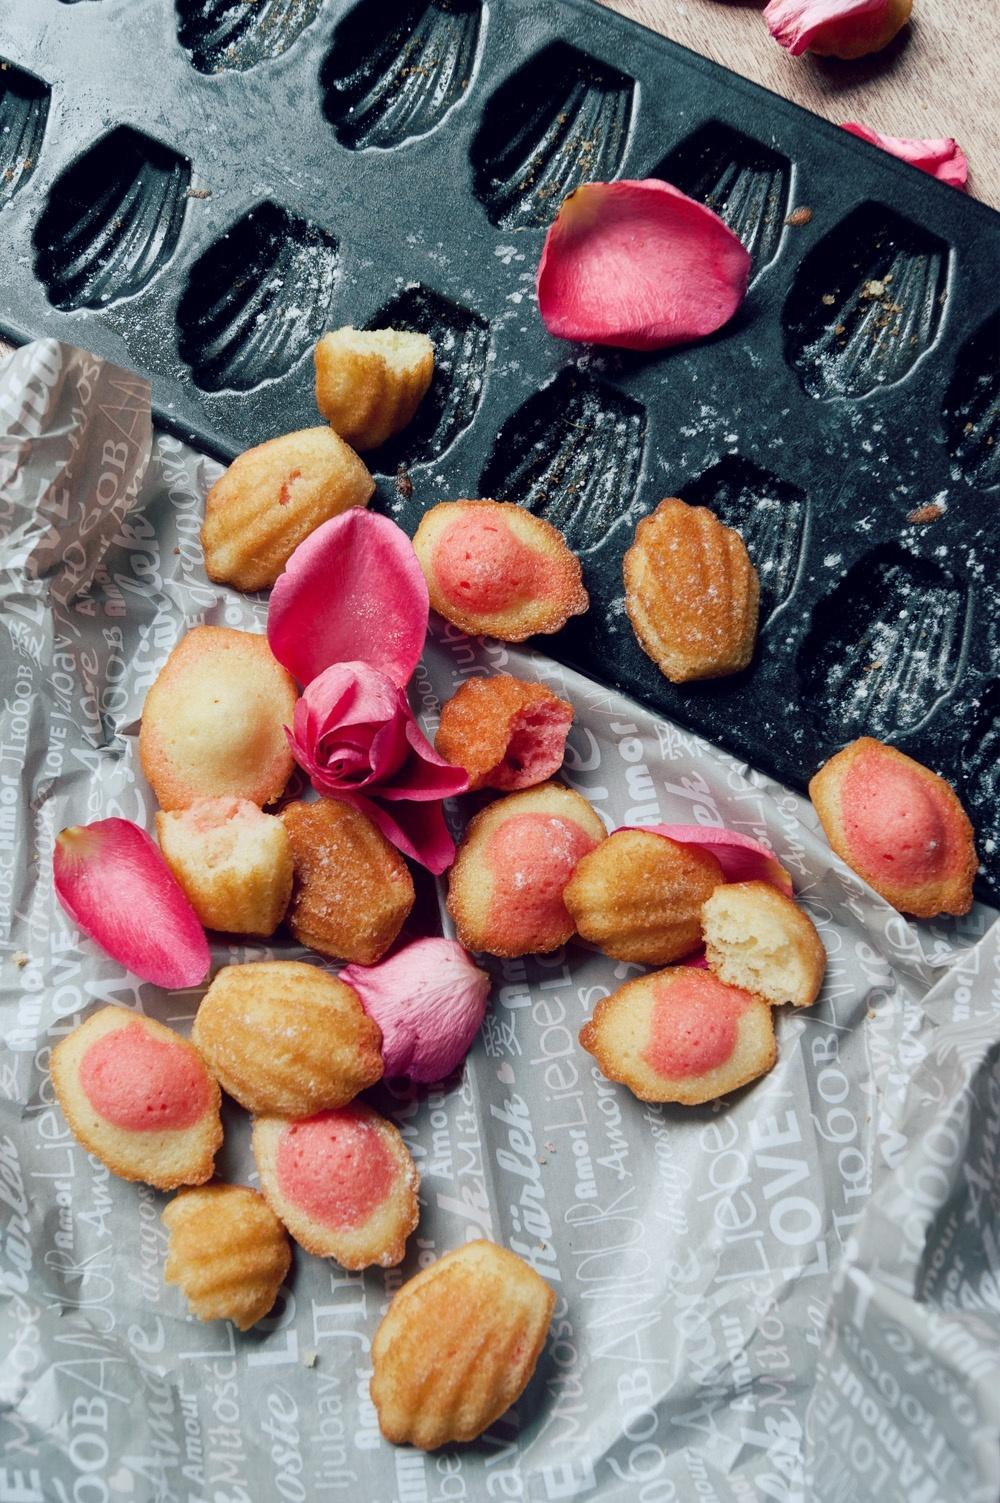 Madeleines bicolores 1 - Qui a volé les tartes - Studio 2 création